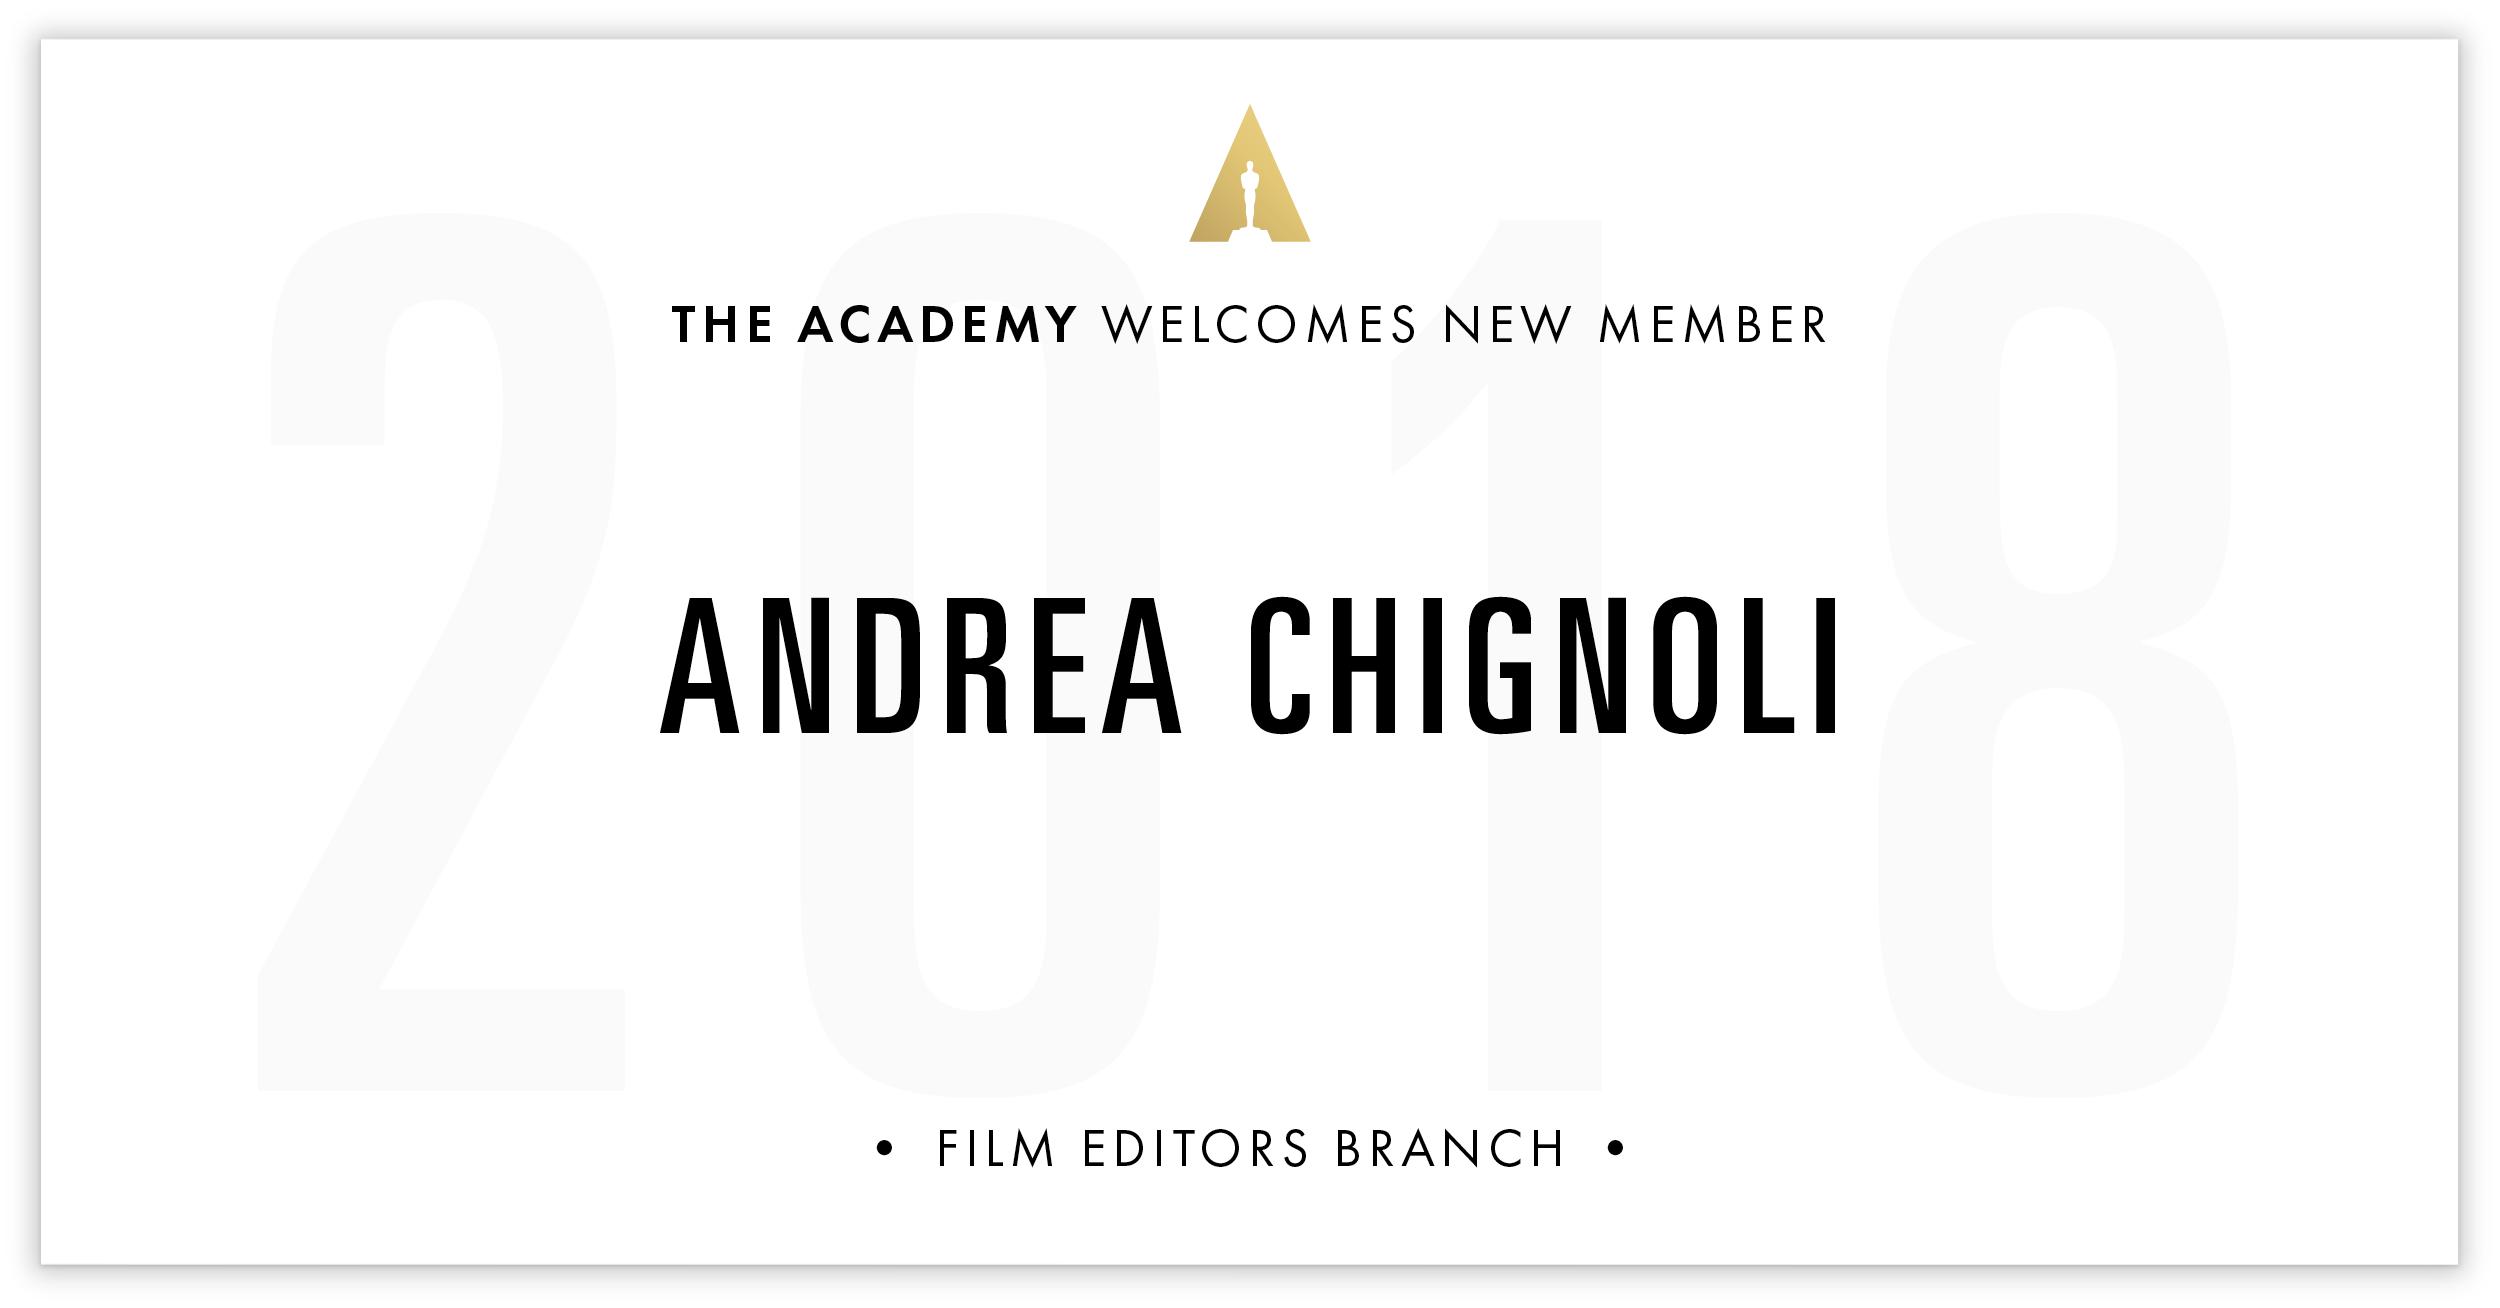 Andrea Chignoli is invited!